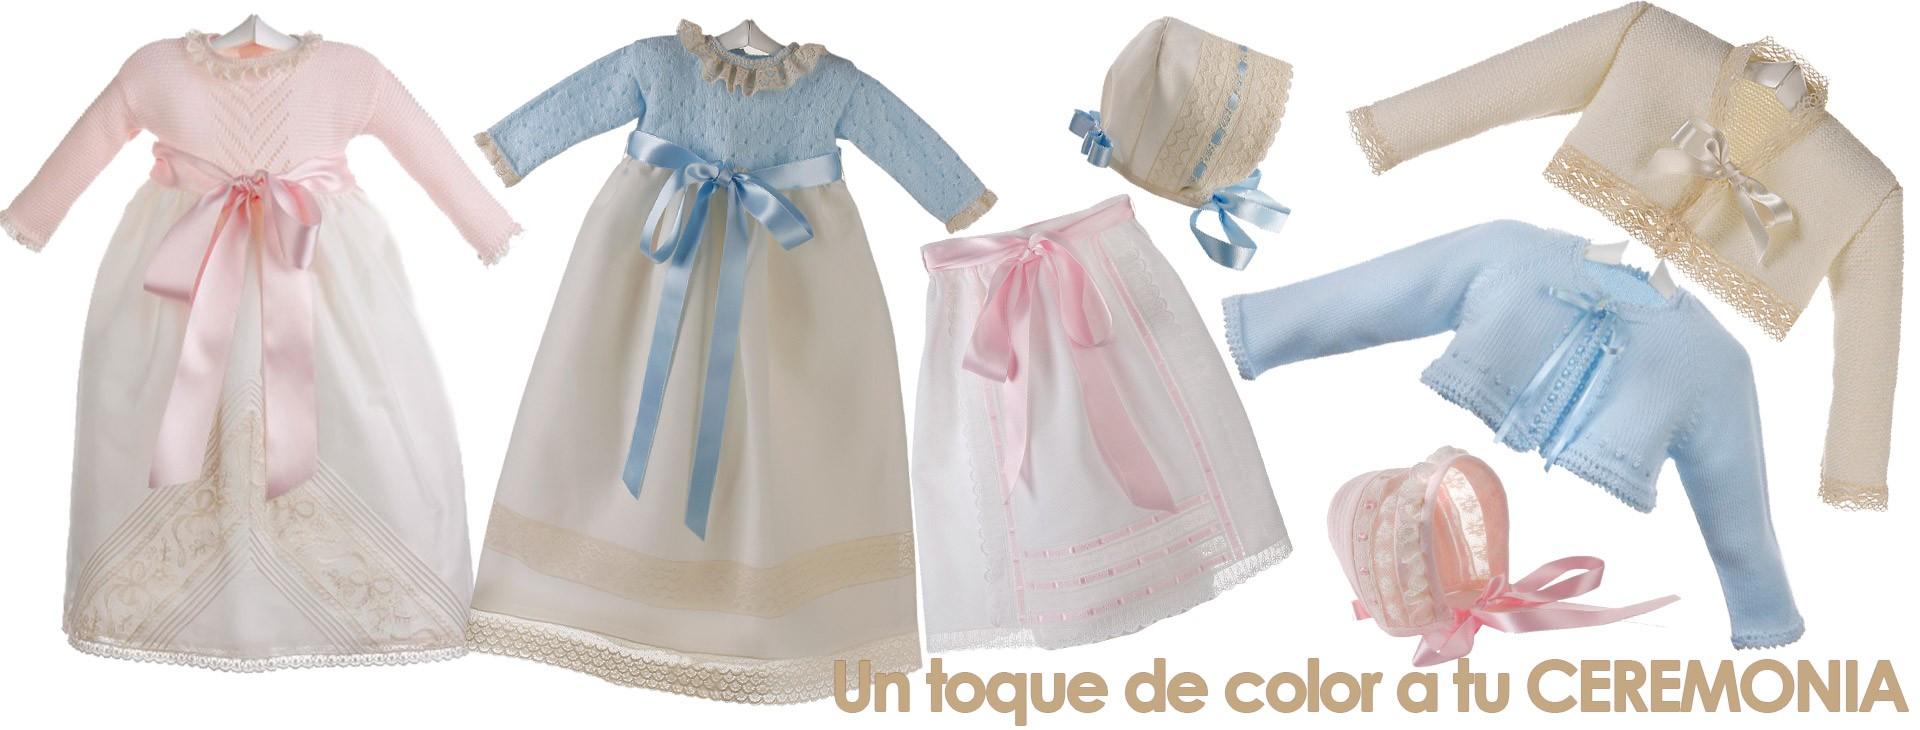 d31f66441 A continuación, te mostramos algunos de los nuevos vestidos de ceremonia  que podrás comprar online en nuestra tienda de ropa infantil.